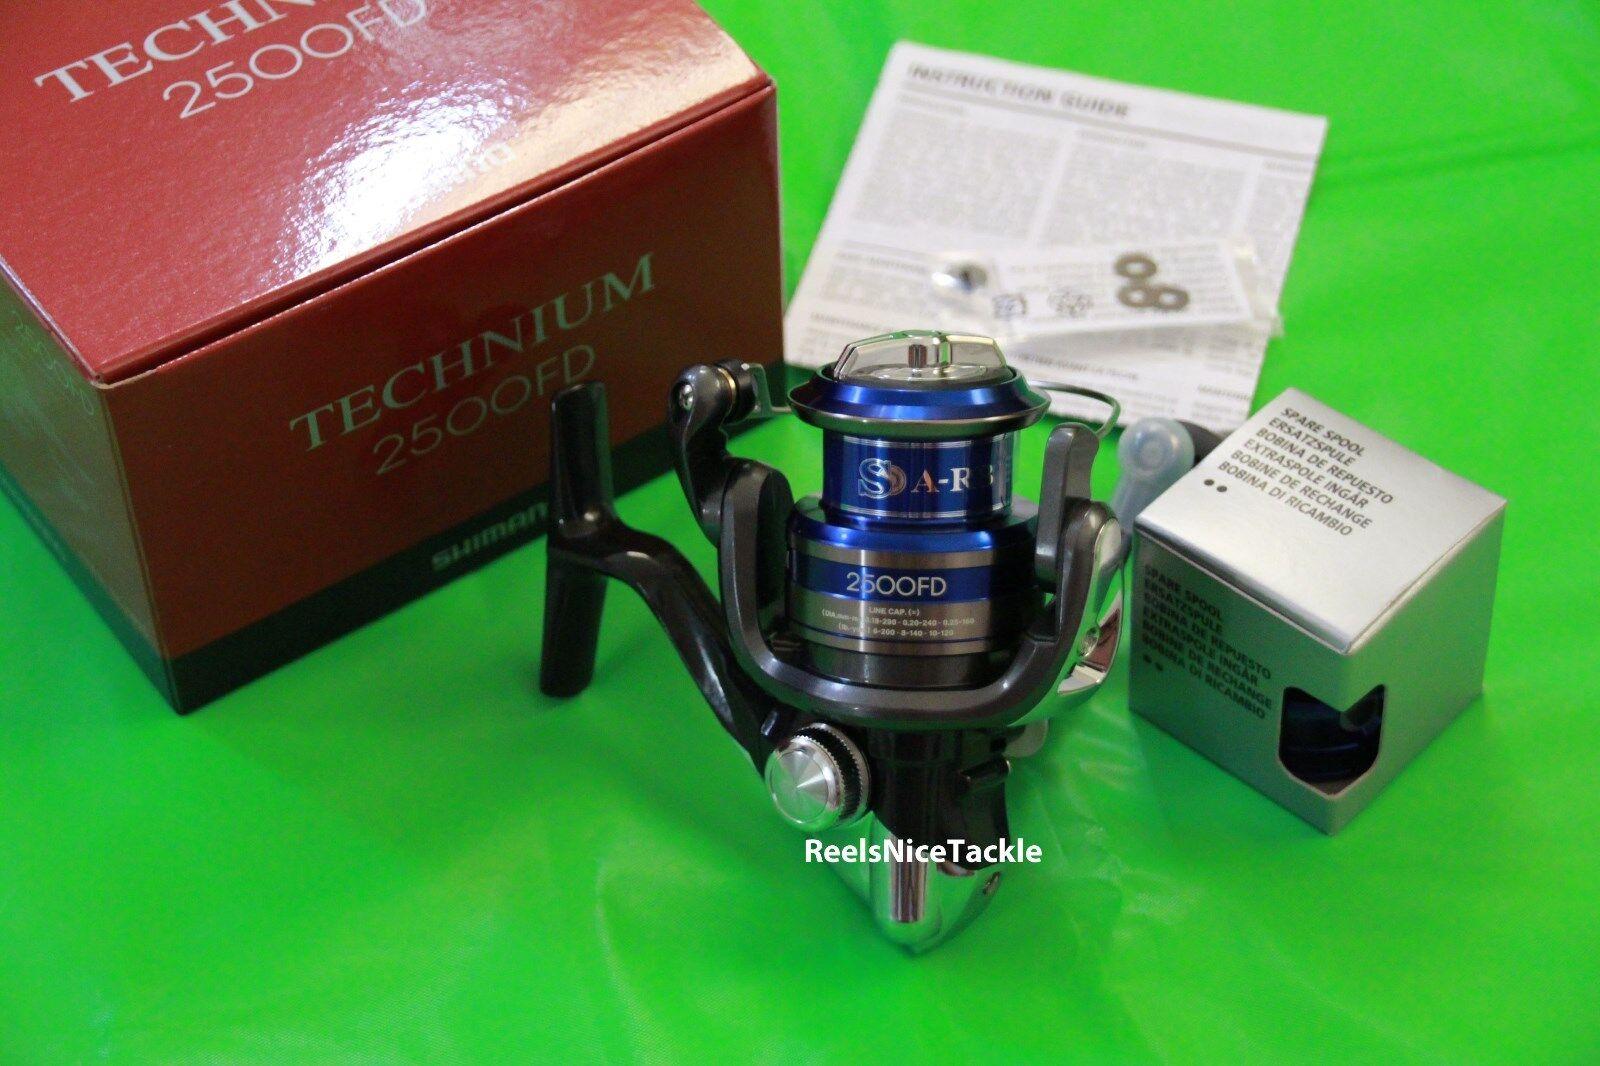 Nuevo En Caja Shimano Technium 2500 Fd Spinning Cocheretes tec2500fd + Cocherete De Repuesto